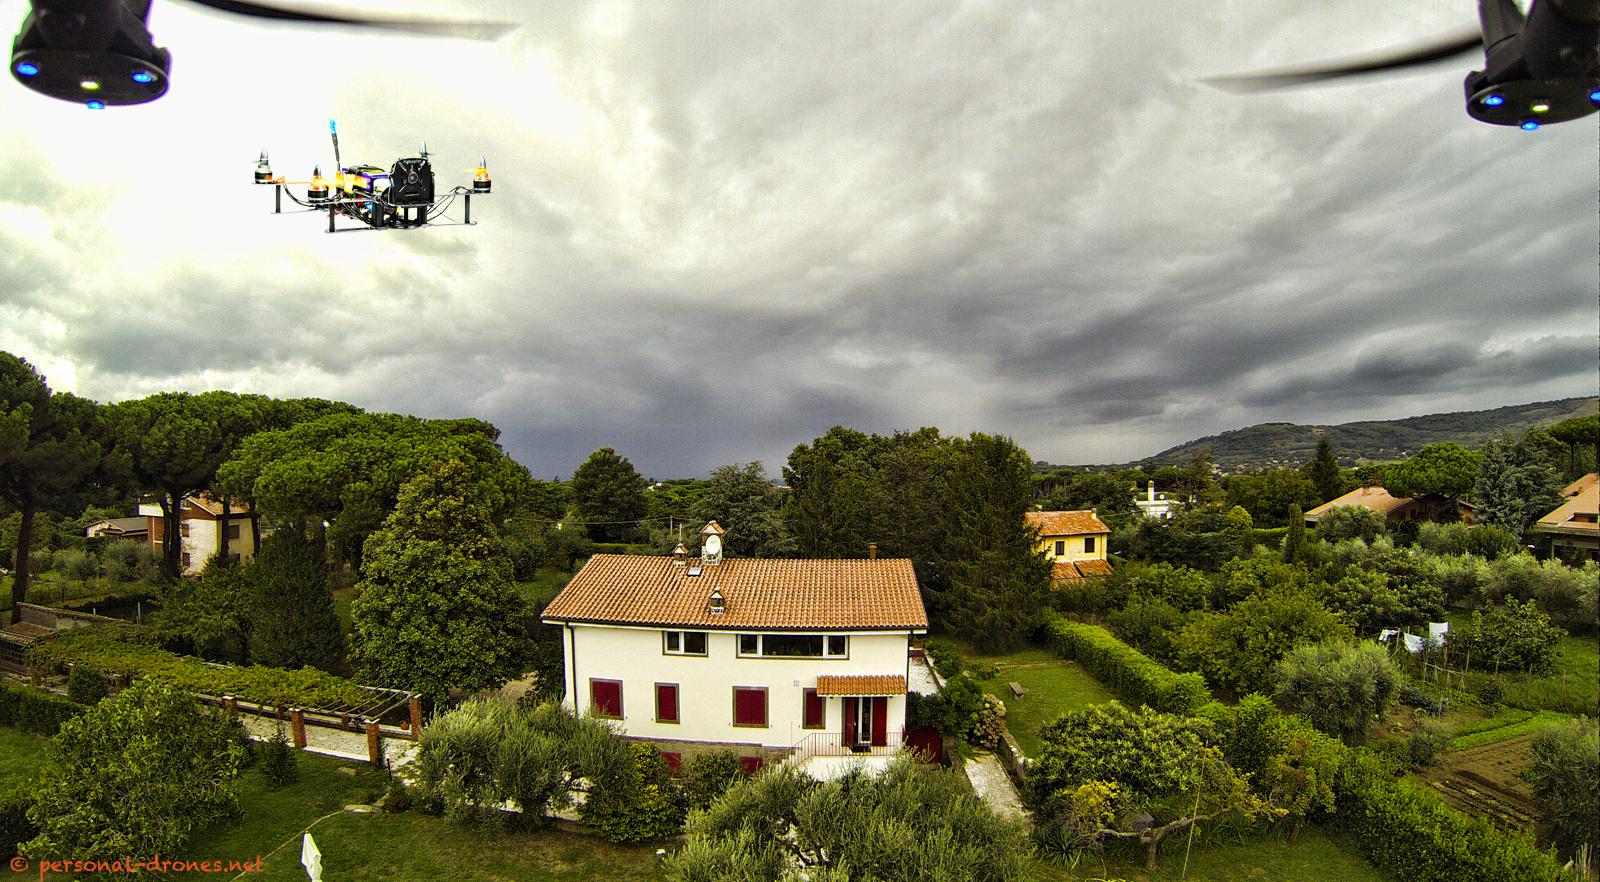 Drone encounters